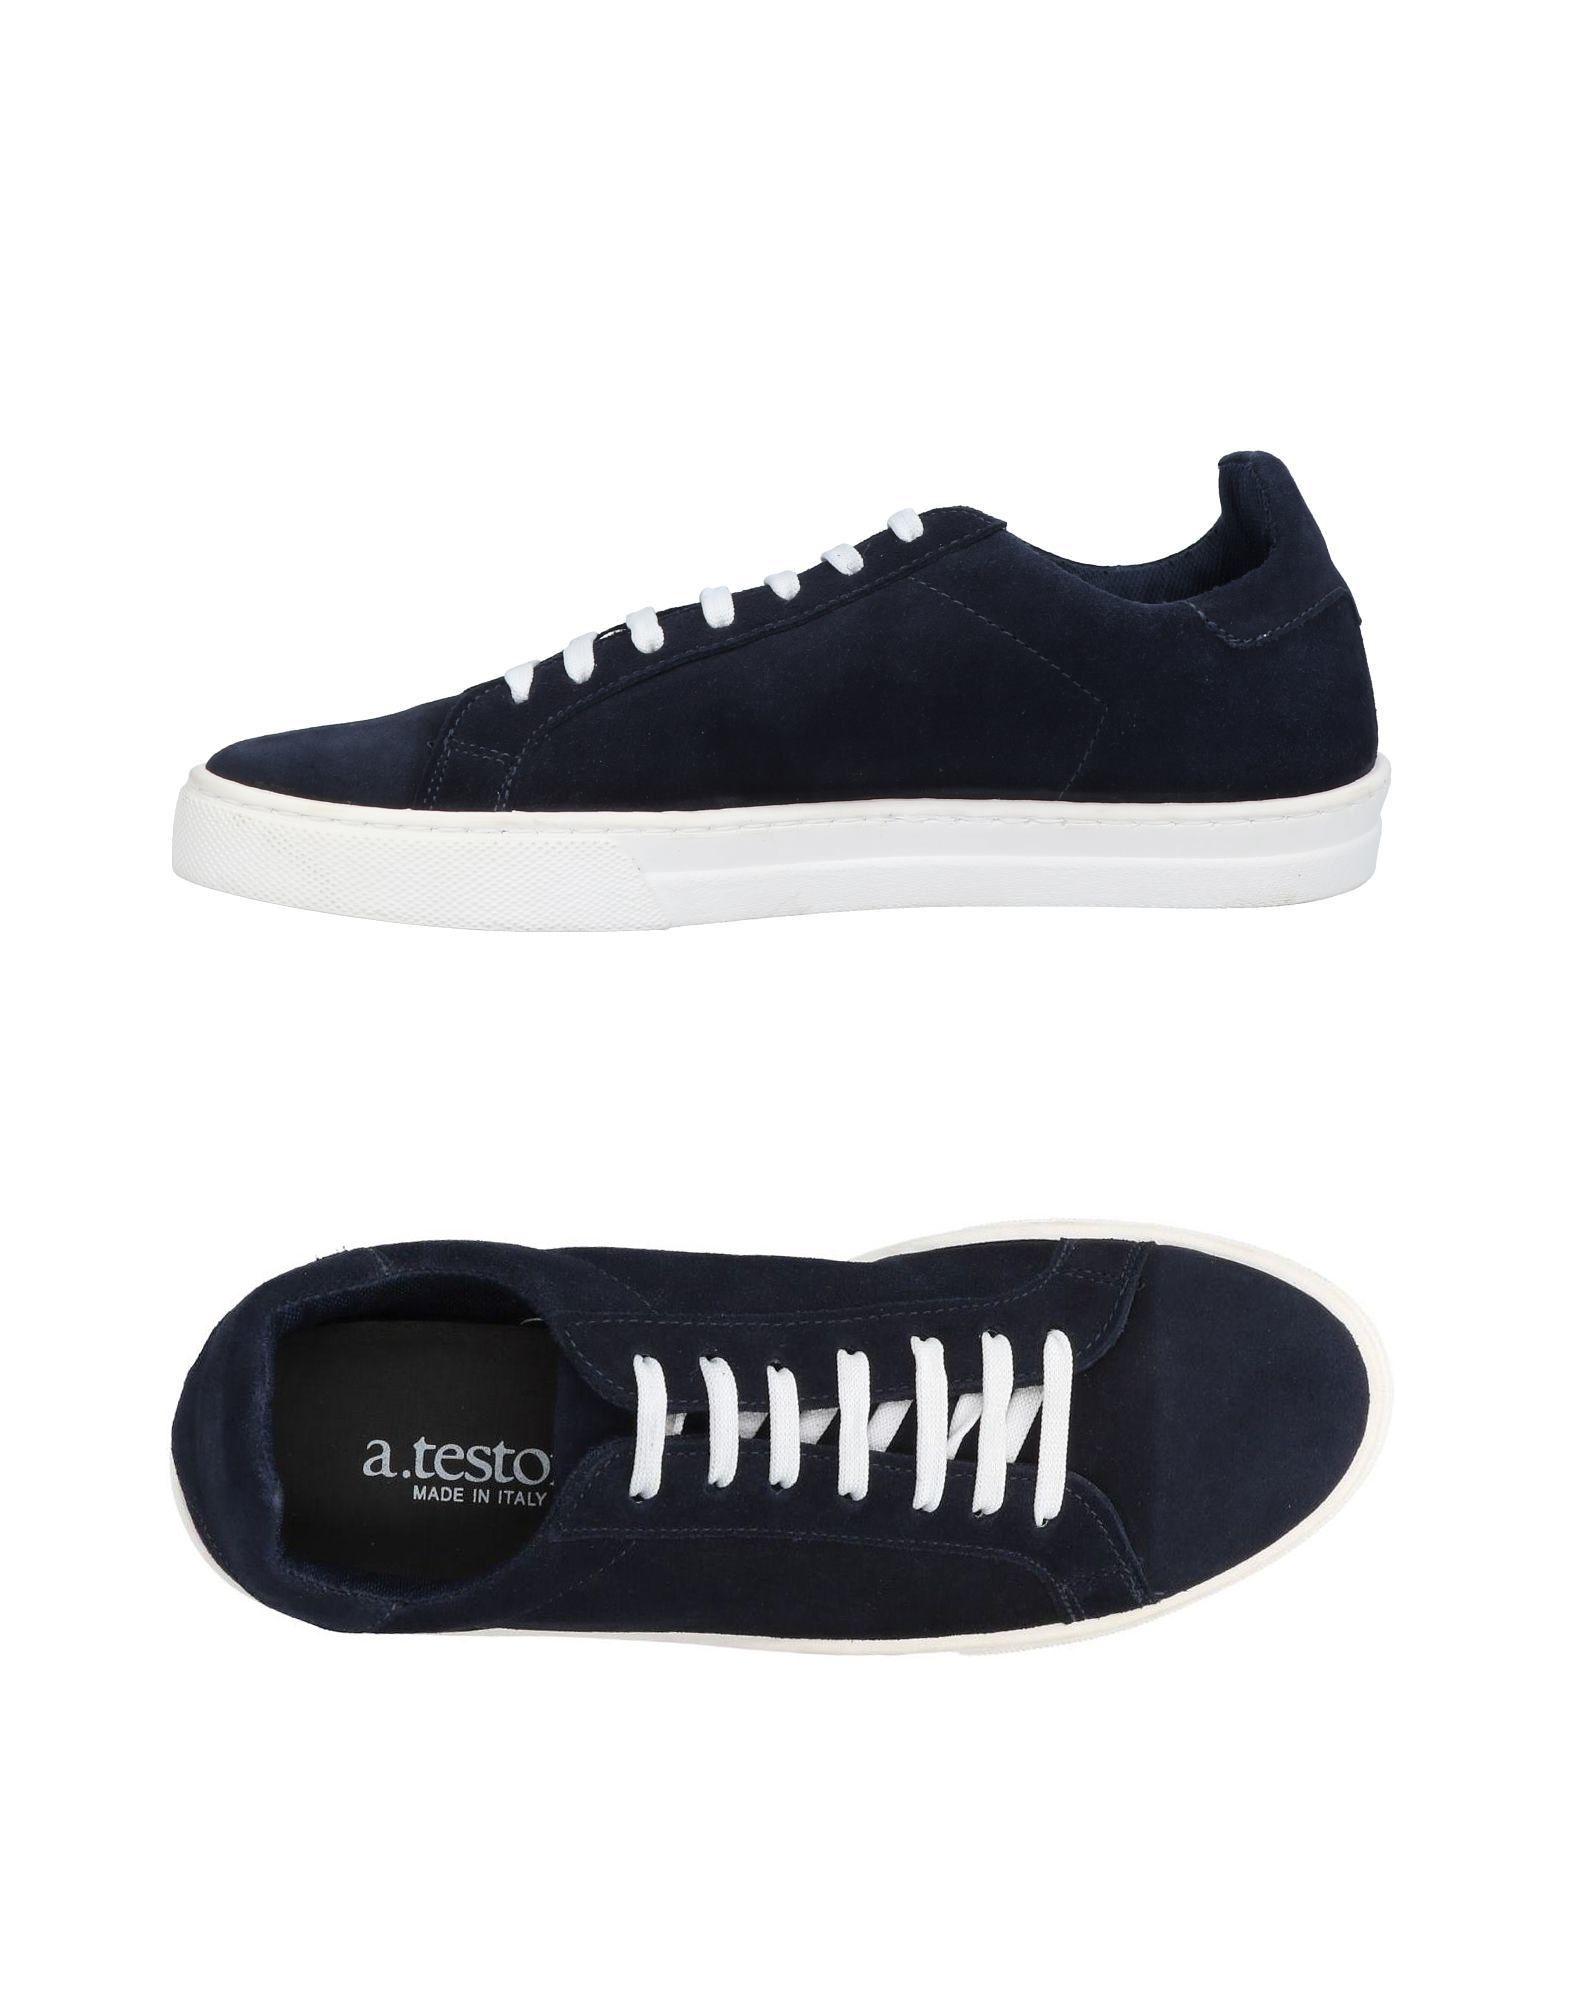 Rabatt A.Testoni echte Schuhe A.Testoni Rabatt Sneakers Herren  11459172HT 256511